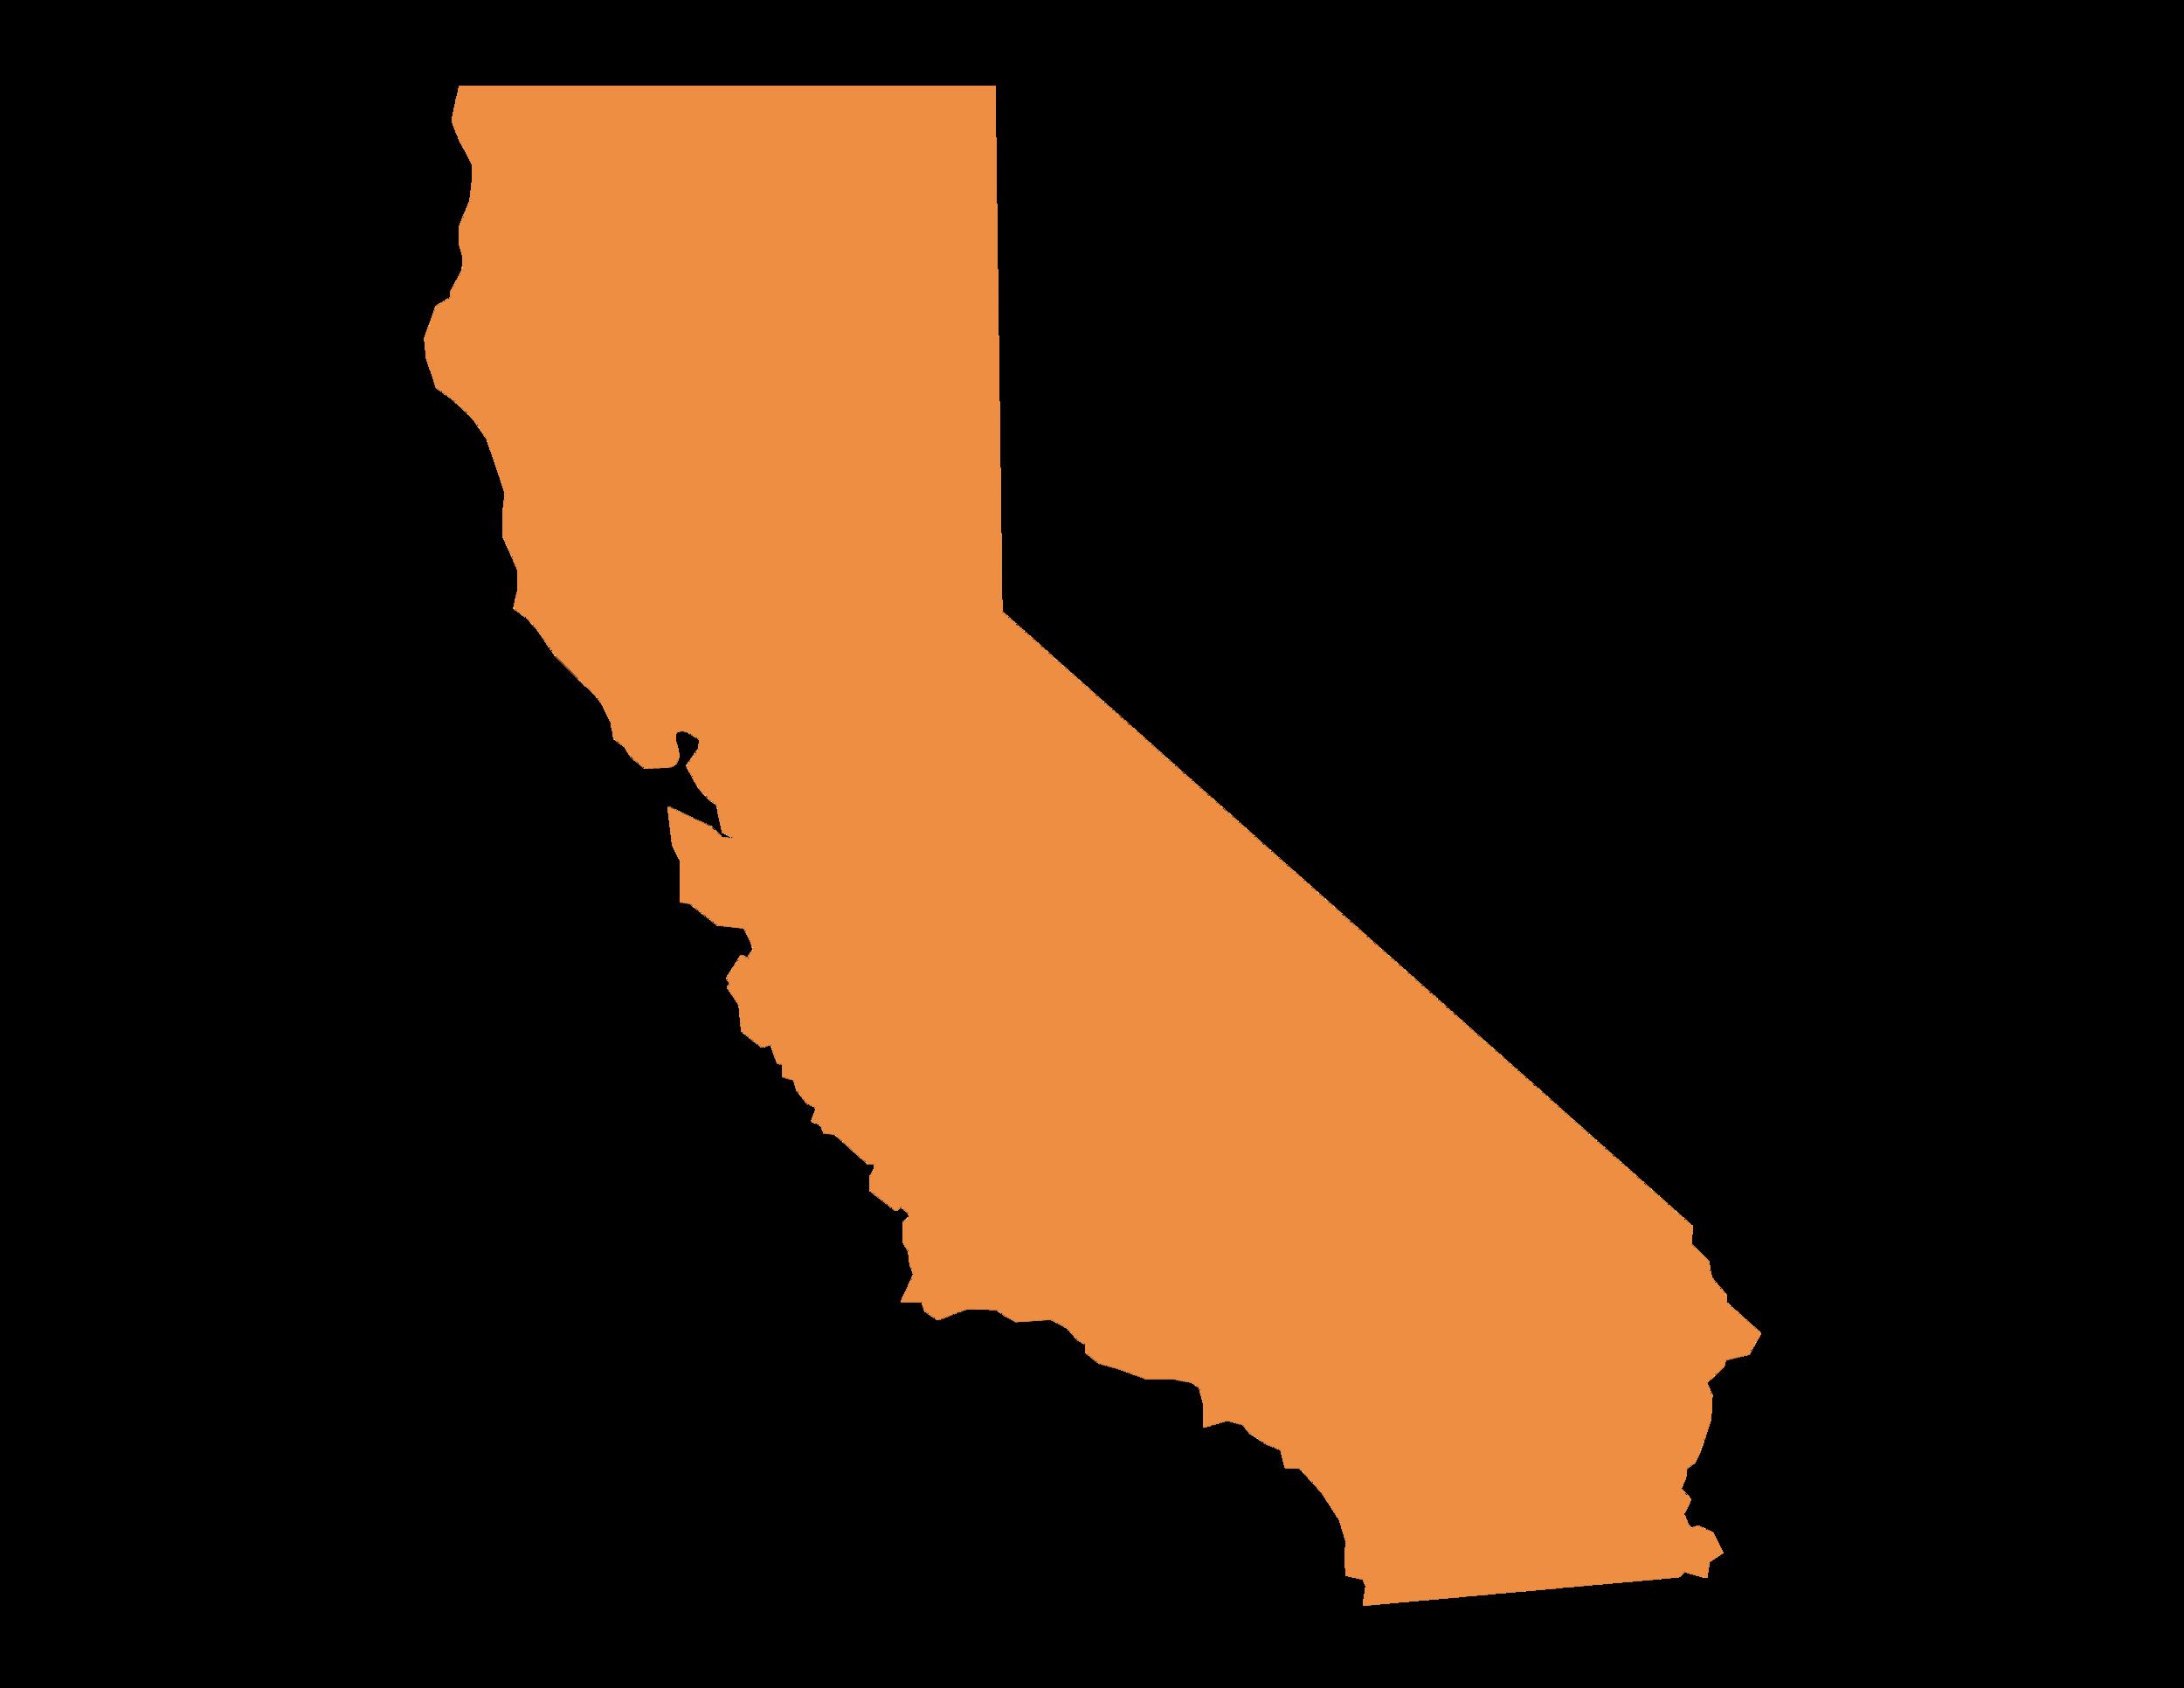 """加州Butte 縣 - """"營火""""是歷來加州破壞性最大同最嚴重的火災。並是自1918年傷亡最慘重的一次。更是2018年經濟損失最大的災害。教會不單在金錢上幫助災民,並多次派人參與Samaritan's purse的災後義工,幫助災民重建及把安慰、神的愛和福音帶給災民。"""